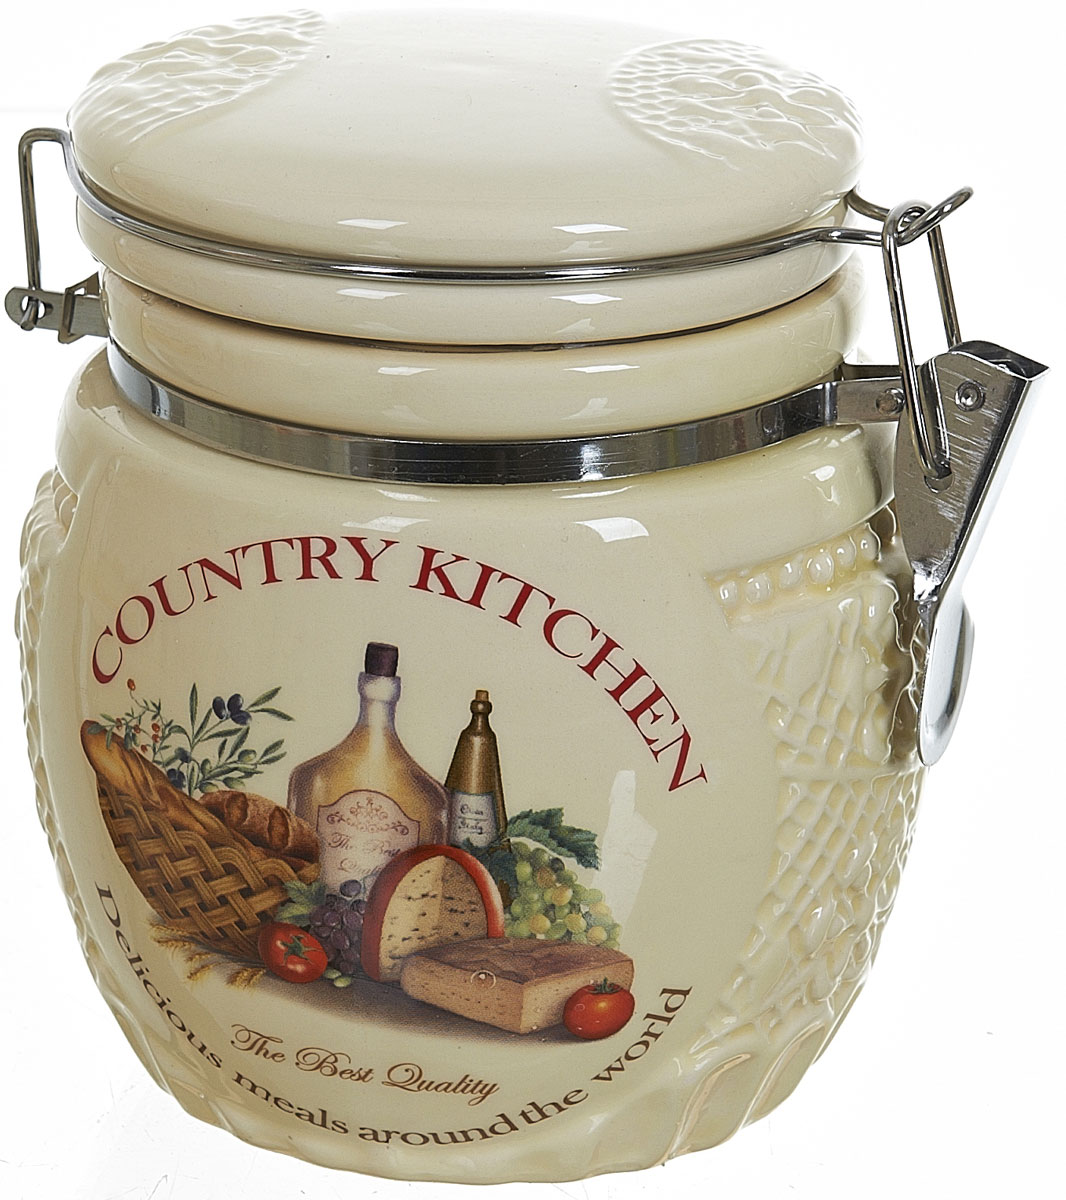 Банка для сыпучих продуктов Polystar Country Kitchen, 730 мл21395599Банка для сыпучих продуктов Country Kitchen изготовлена из прочной керамики, закрывается крышкой. Банка прекрасно подойдет для хранения различных сыпучих продуктов: чая, кофе, сахара, круп и многого другого. Благодаря силиконовой прослойке и бугельному замку, крышка герметично закрывается, что позволяет дольше сохранять продукты свежими. Изящная емкость не только поможет хранить разнообразные сыпучие продукты, но и стильно дополнит интерьер кухни.